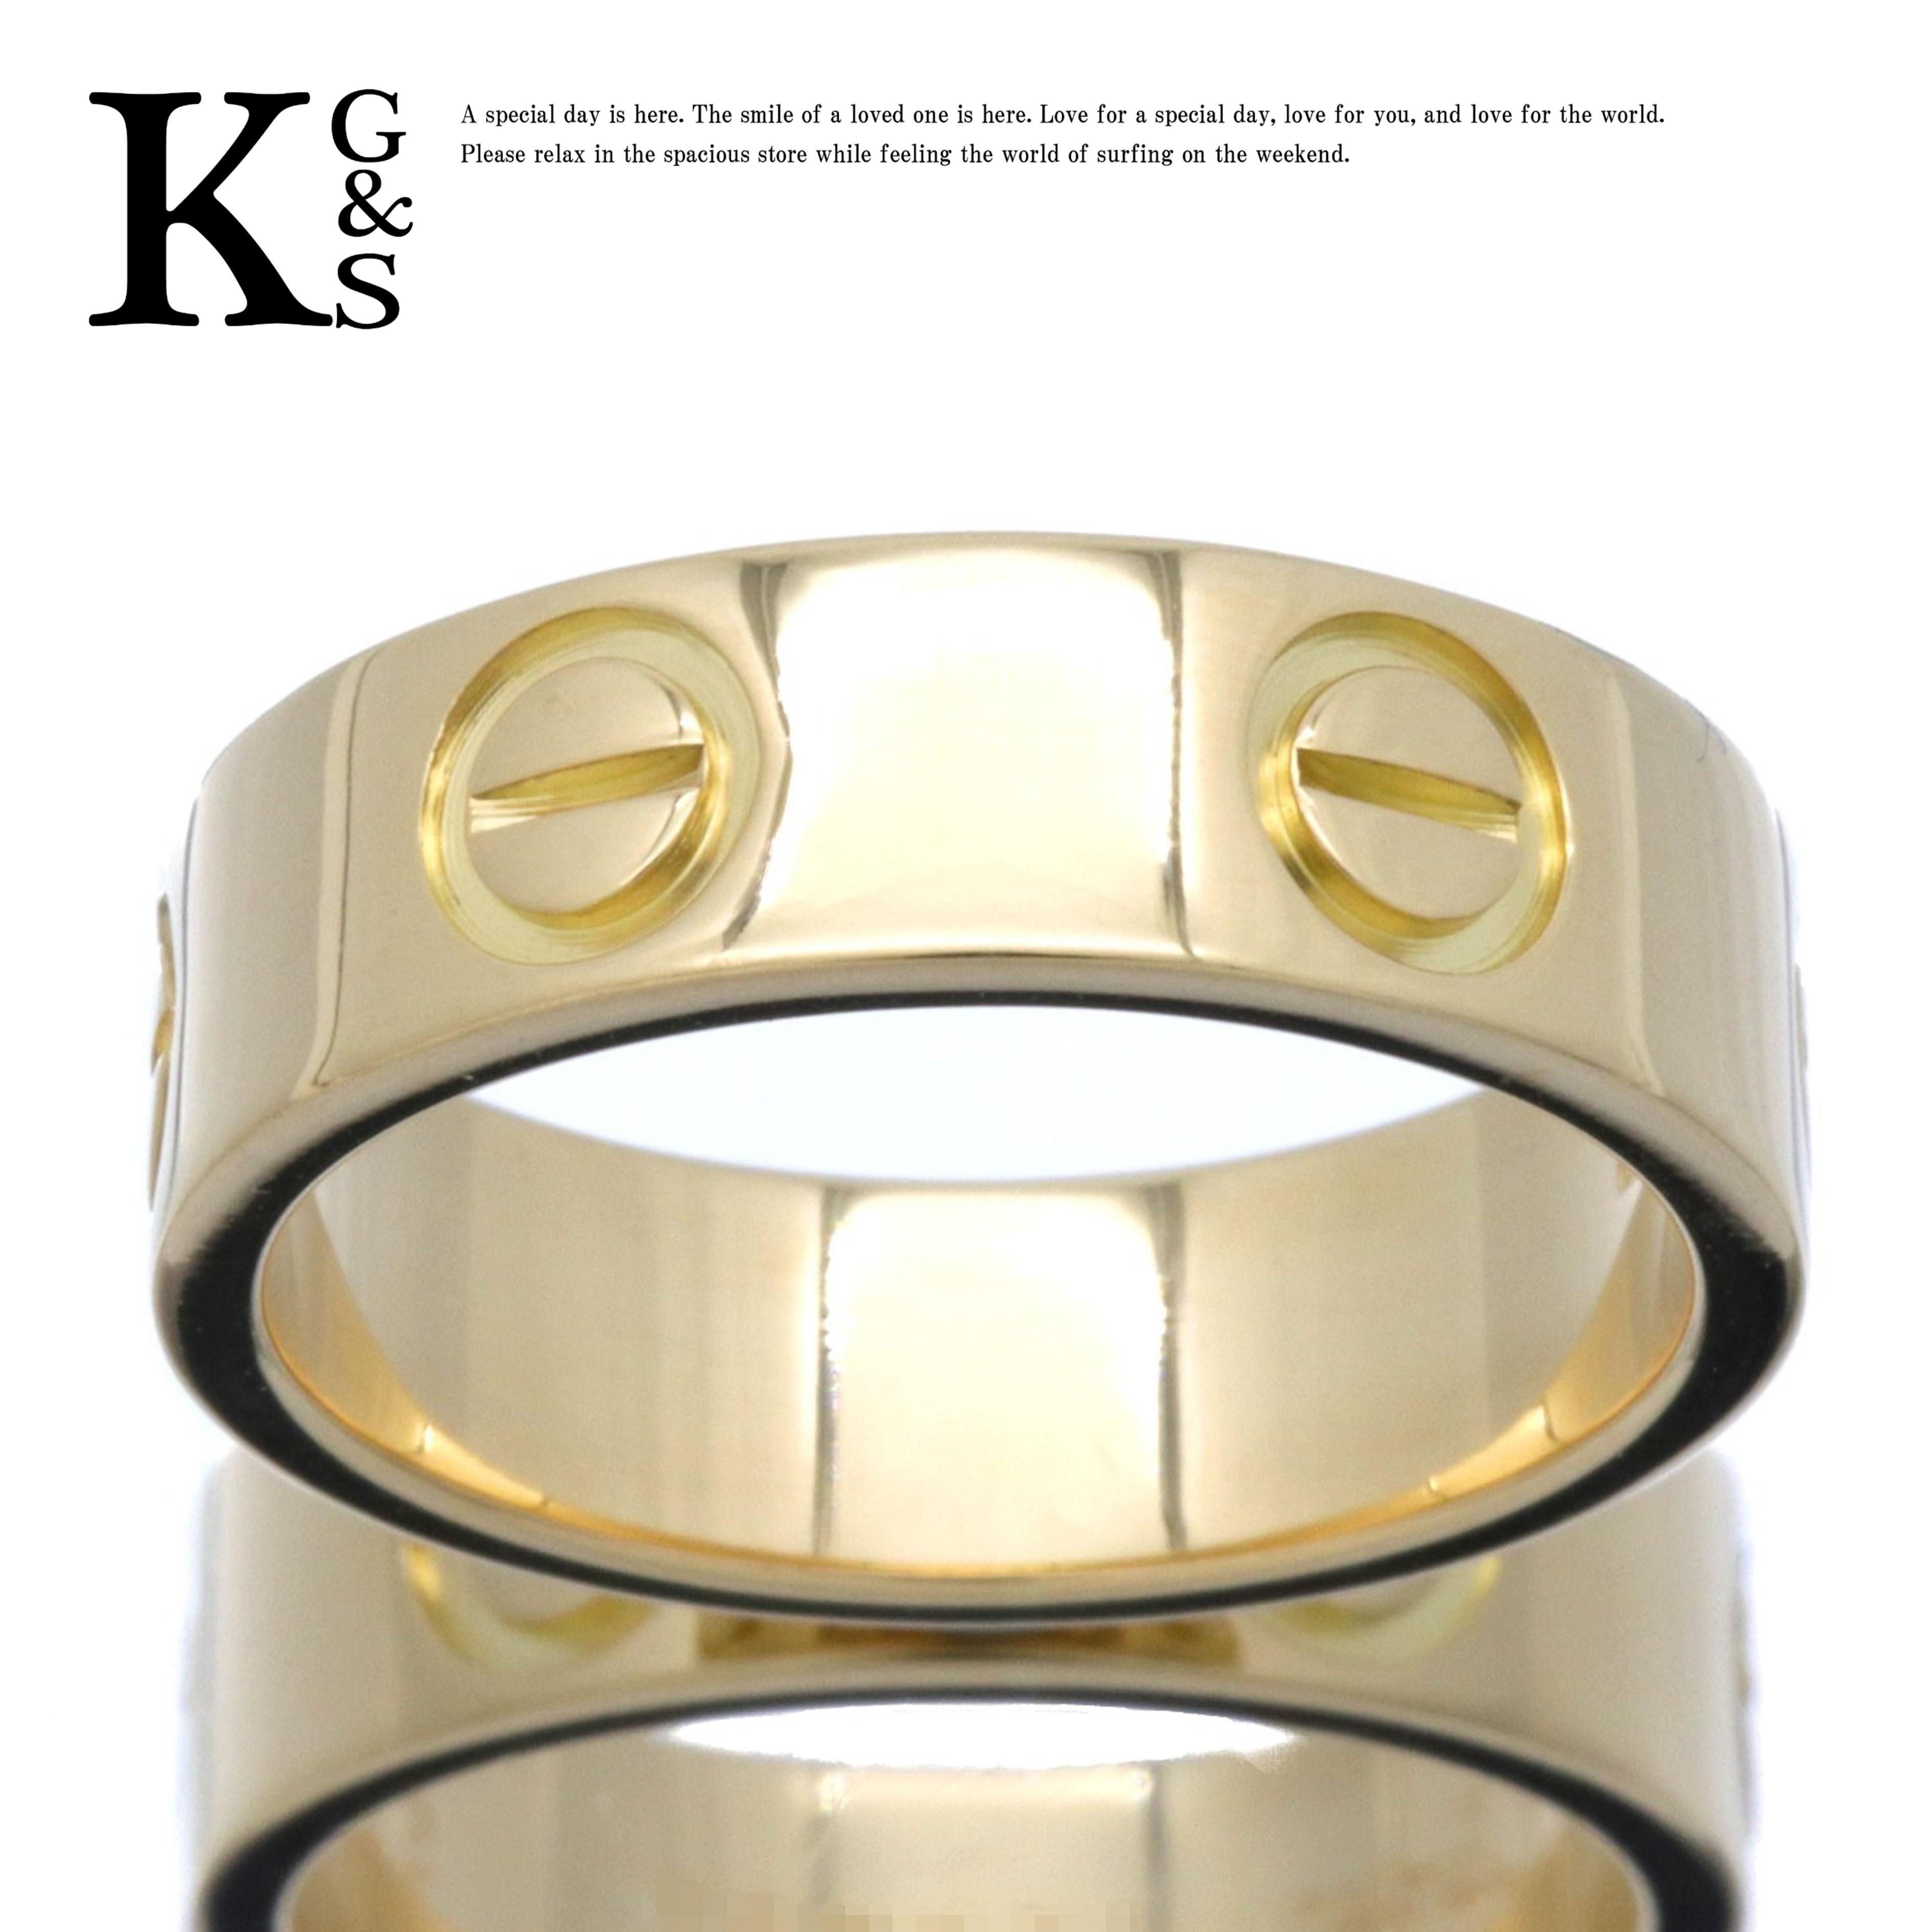 【ギフト品質】【名入れ】カルティエ/Cartier / アクセサリー リング 指輪 メンズ / ラブリング LOVE K18 750 YG / イエローゴールド B4084600